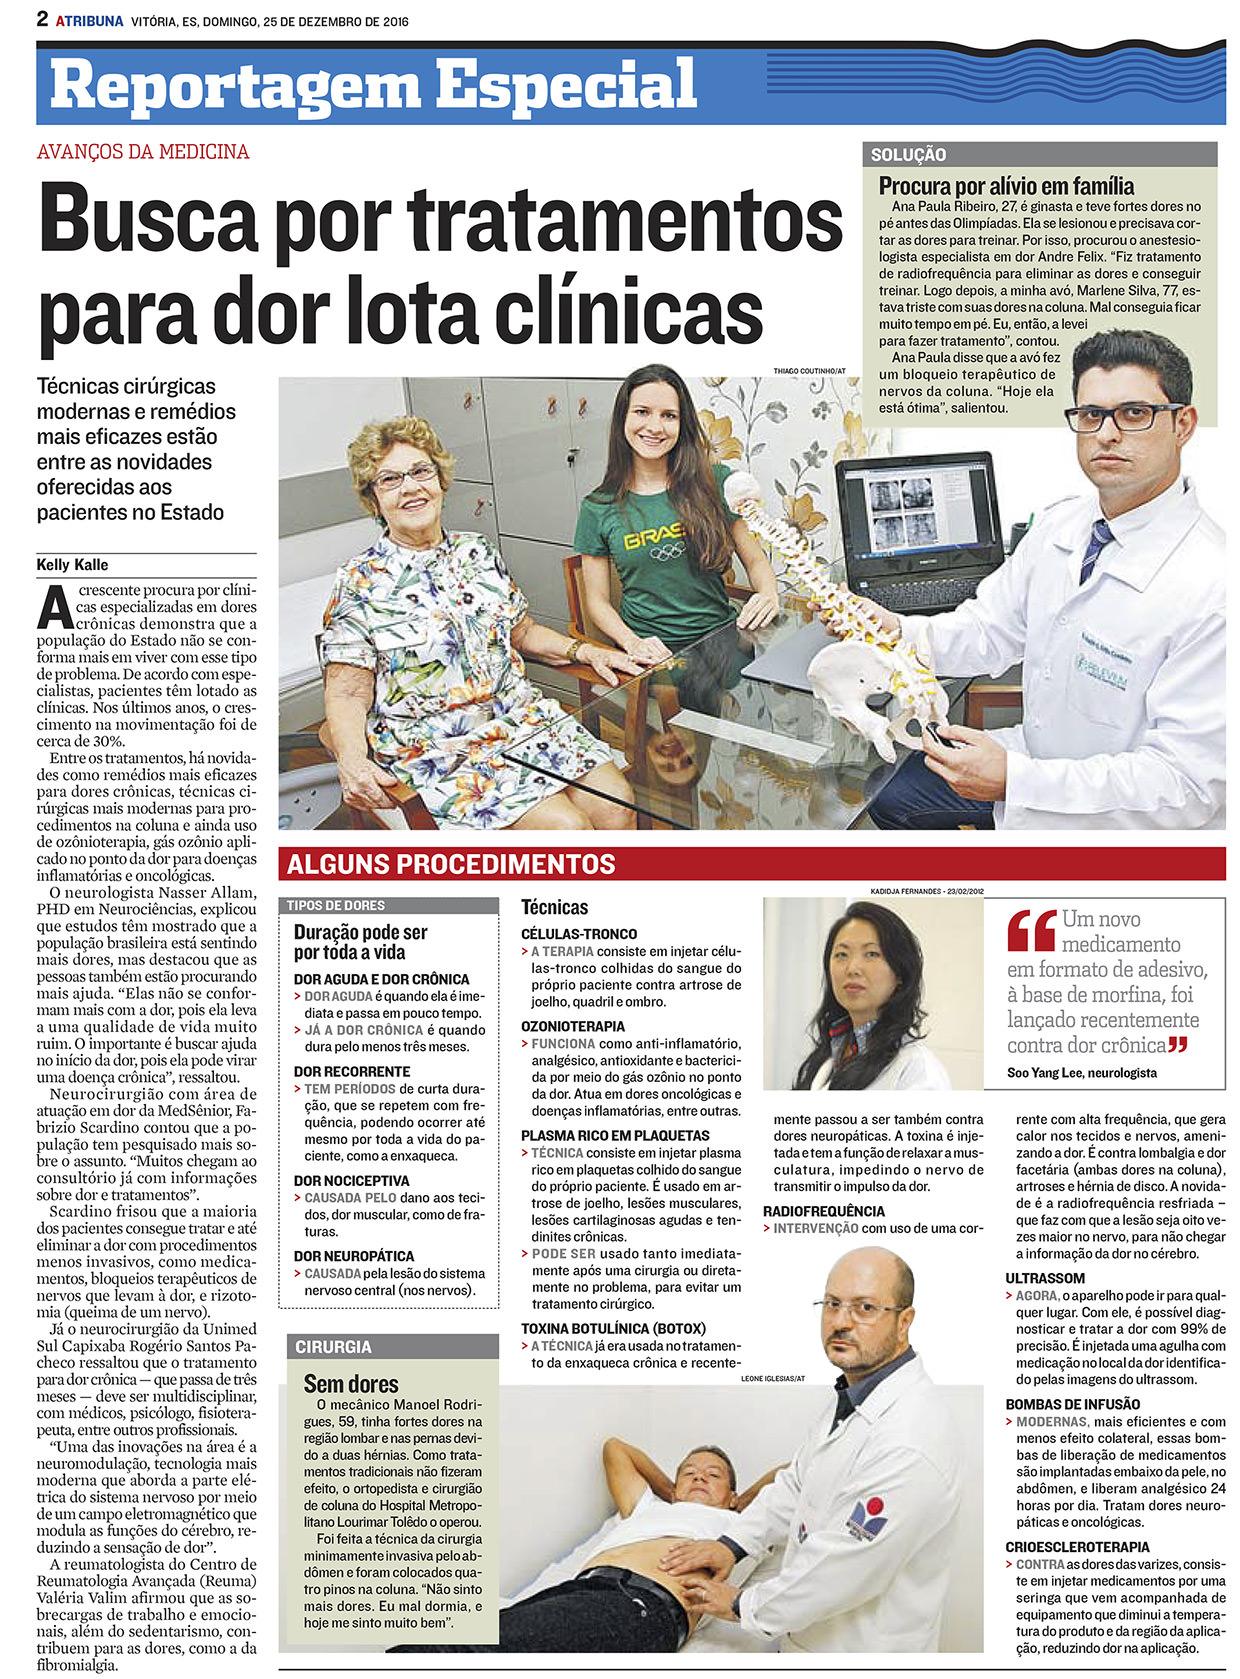 Busca por tratamentos para dor lota clínicas - A Tribuna